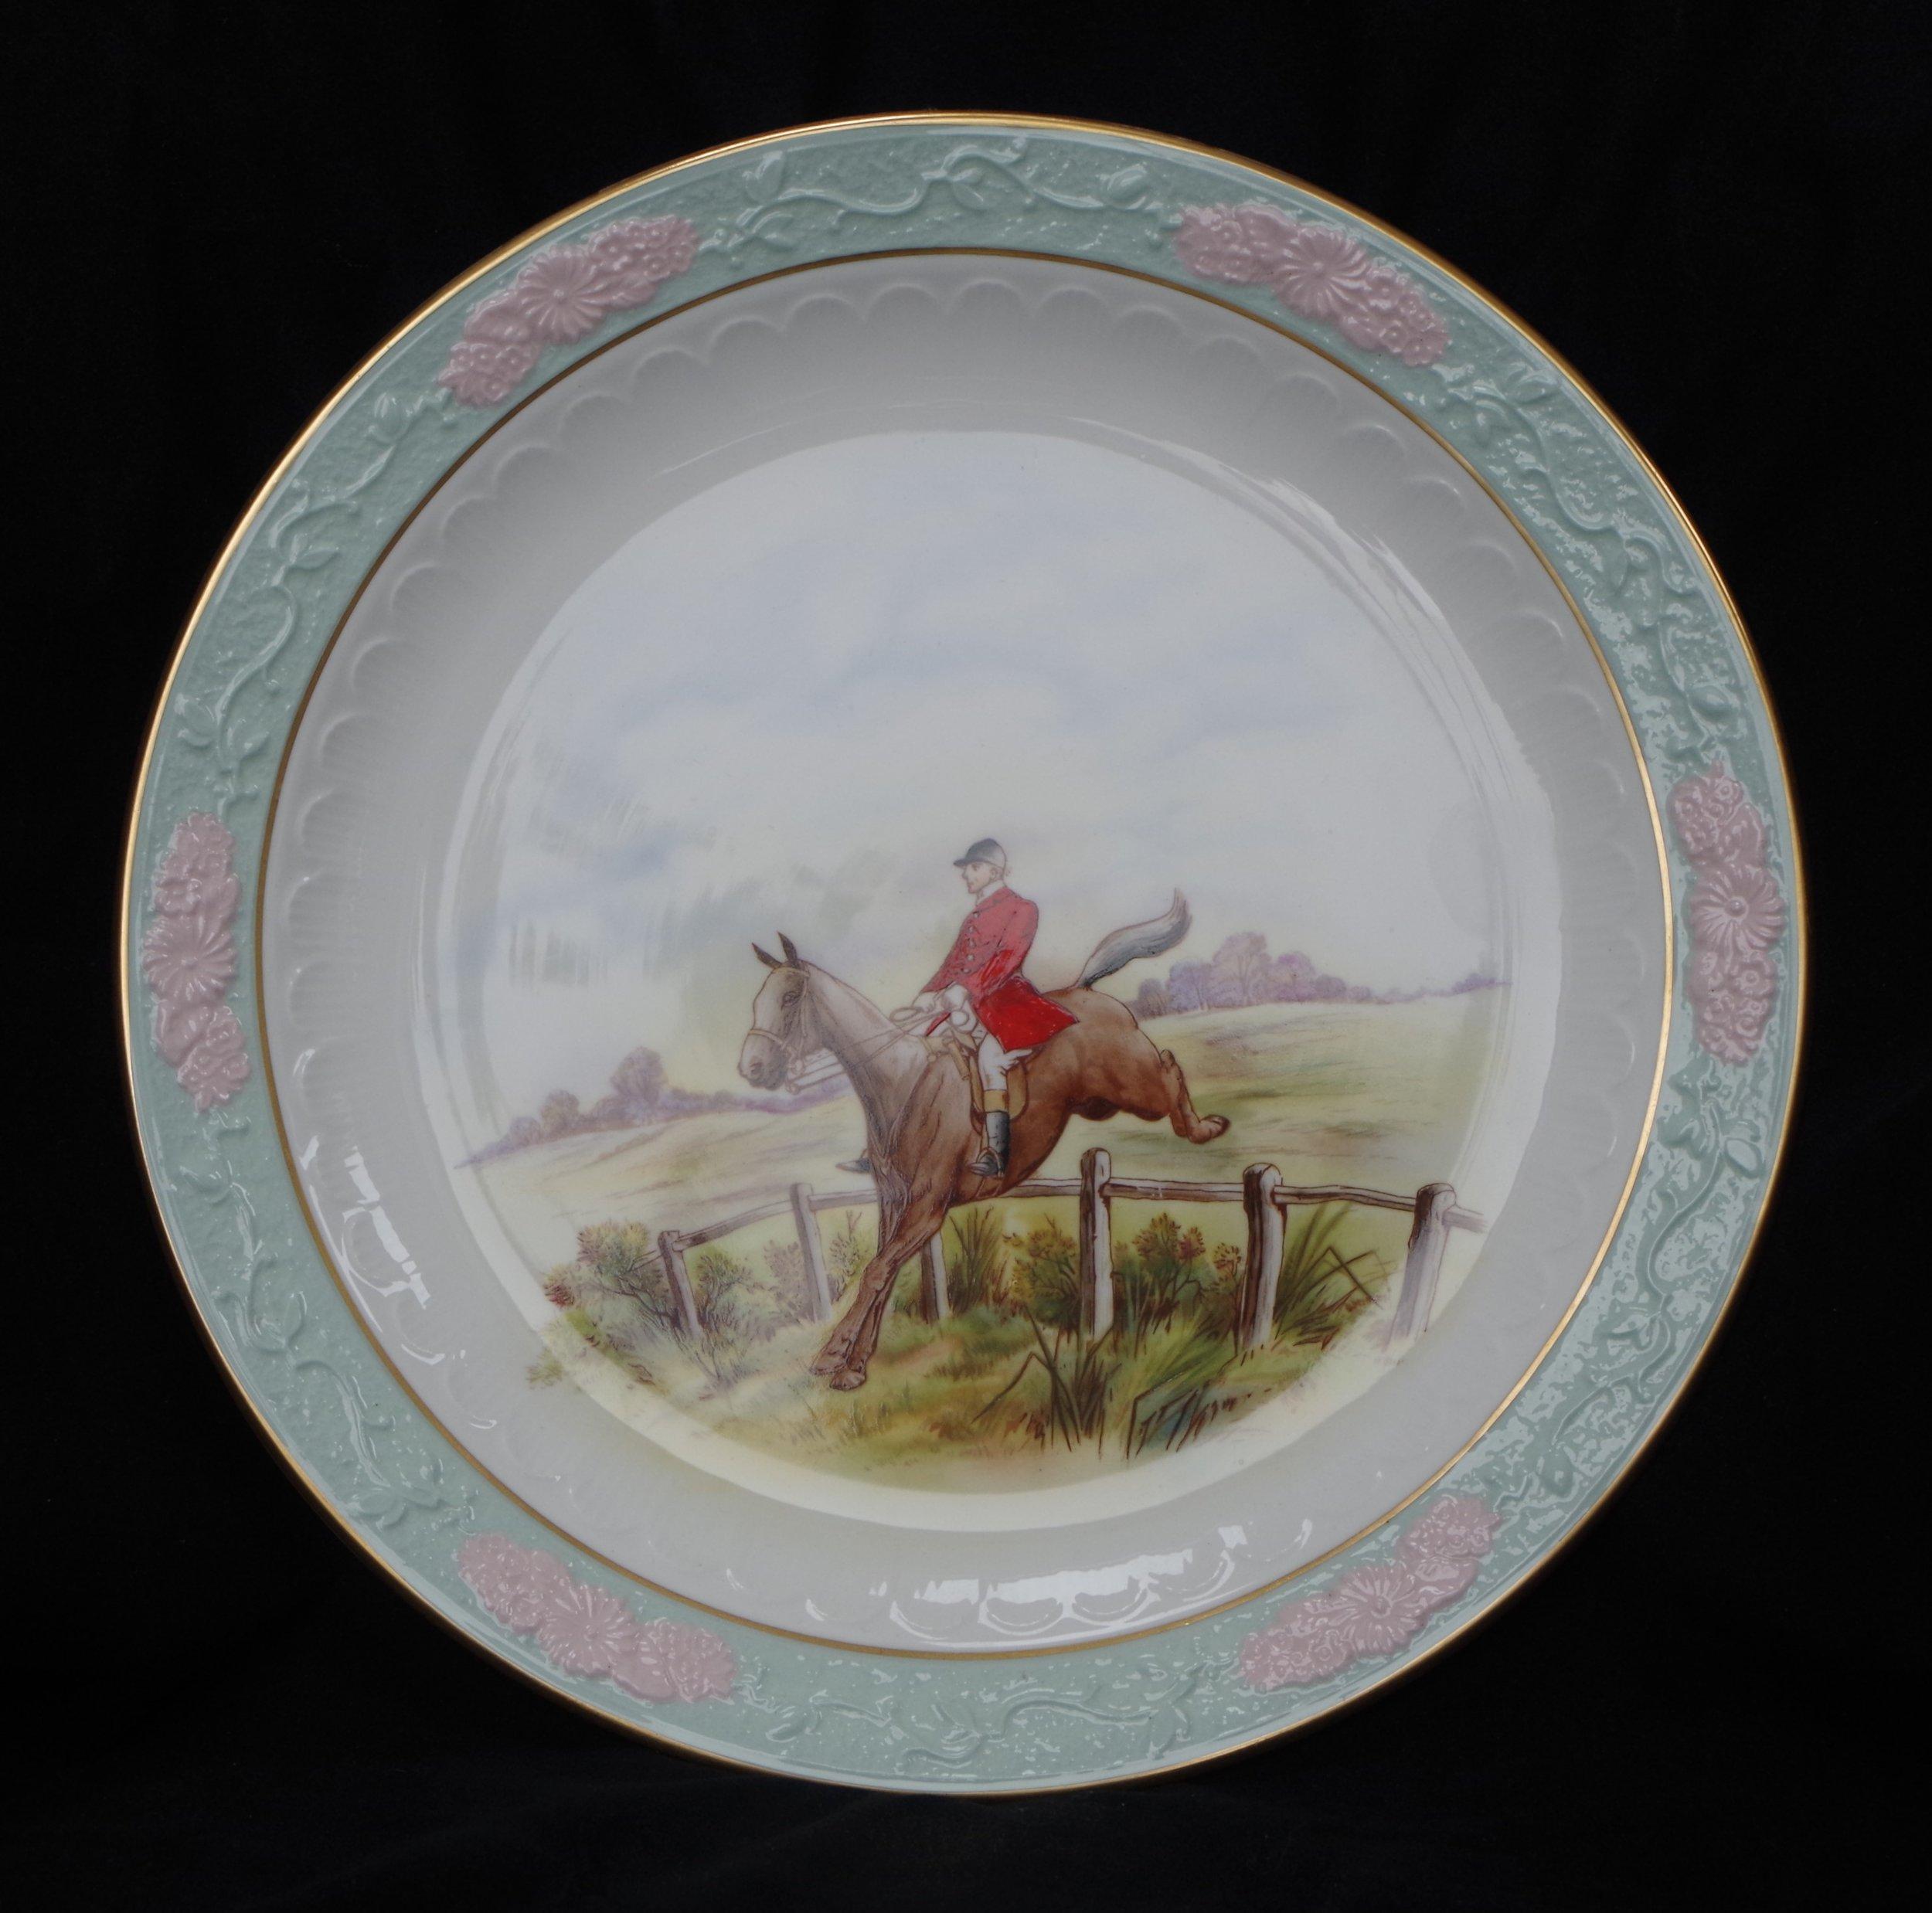 royal-crown-derby-embossed-rim-pink-blue-ground-hunting-scene